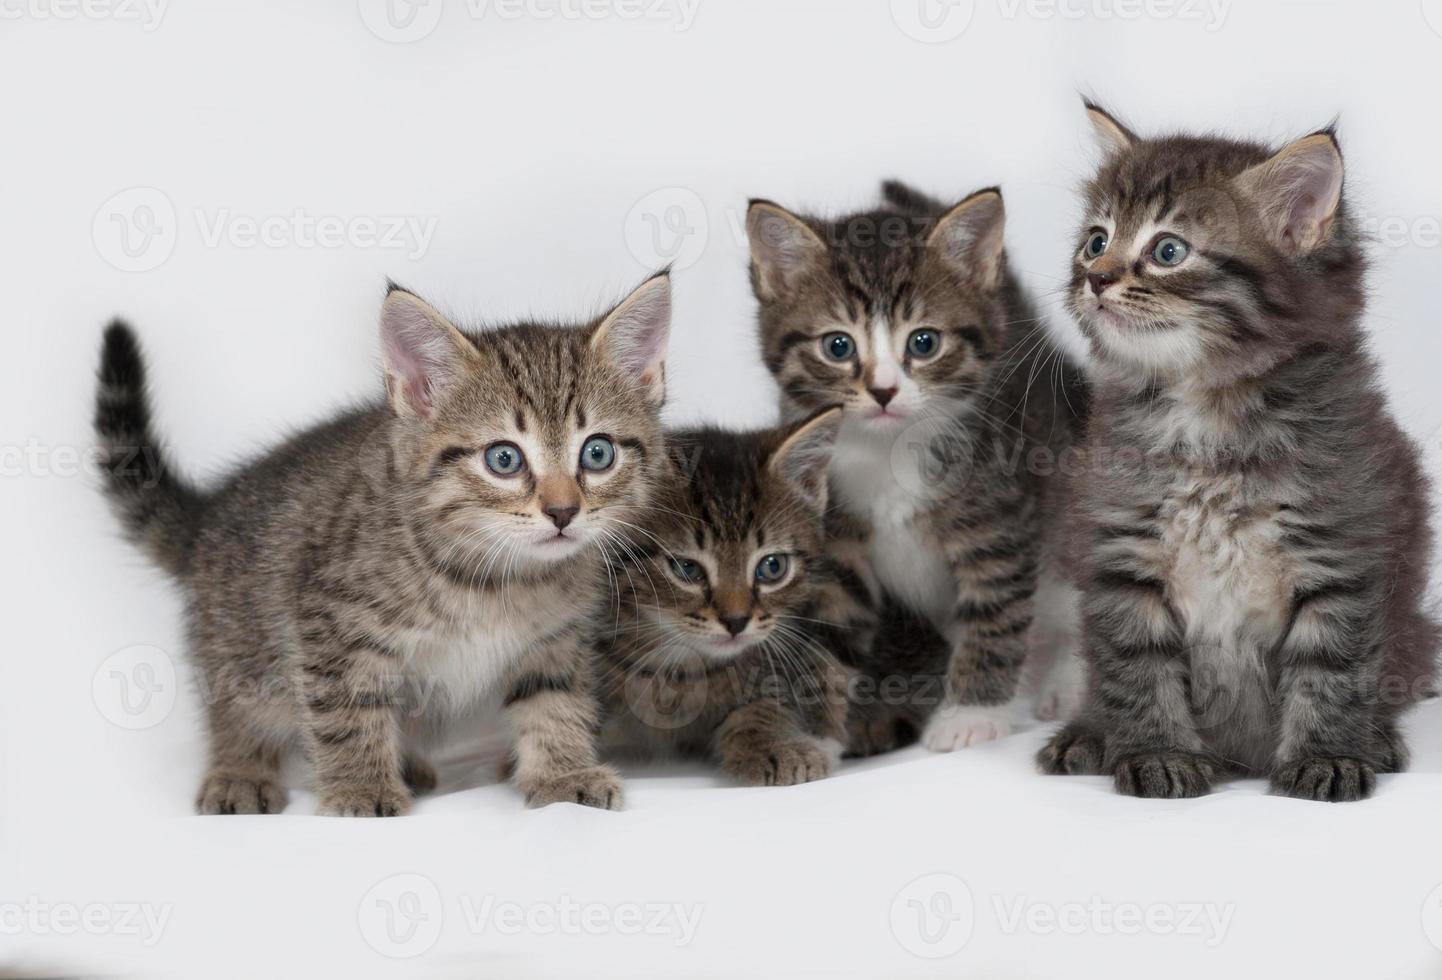 quattro gattino a strisce e bianco che si siede sul gray foto